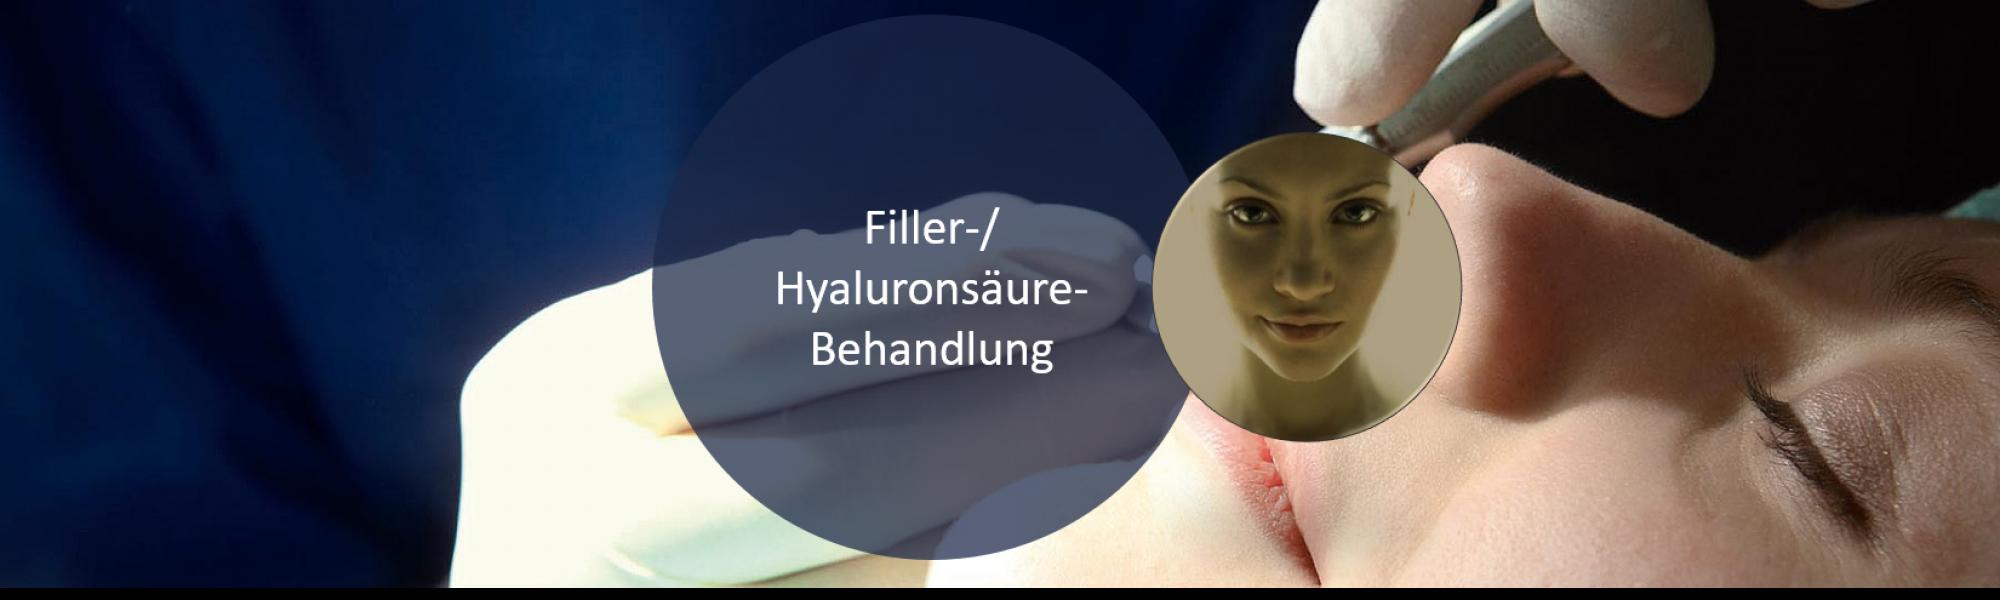 Ästhetik & Faltenbehandlung Filler-Hyaluronsäue-Behandlung bei Groisman Laube